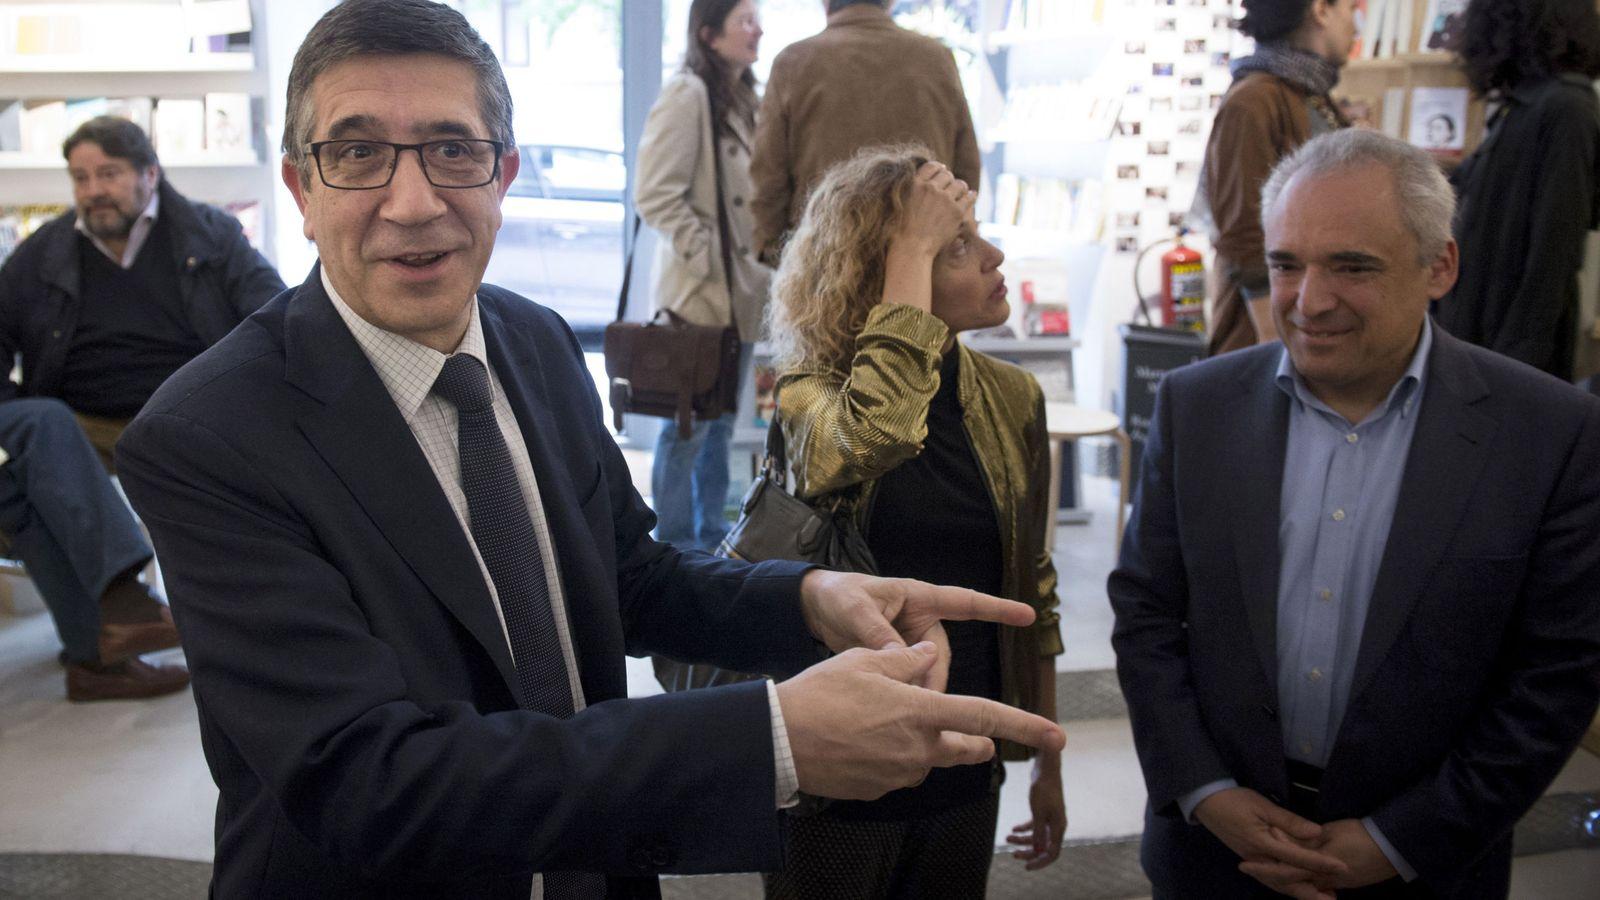 Foto: Patxi López, junto con los diputados Meritxell Batet y Rafa Simancas, el pasado 25 de abril en Madrid. (EFE)